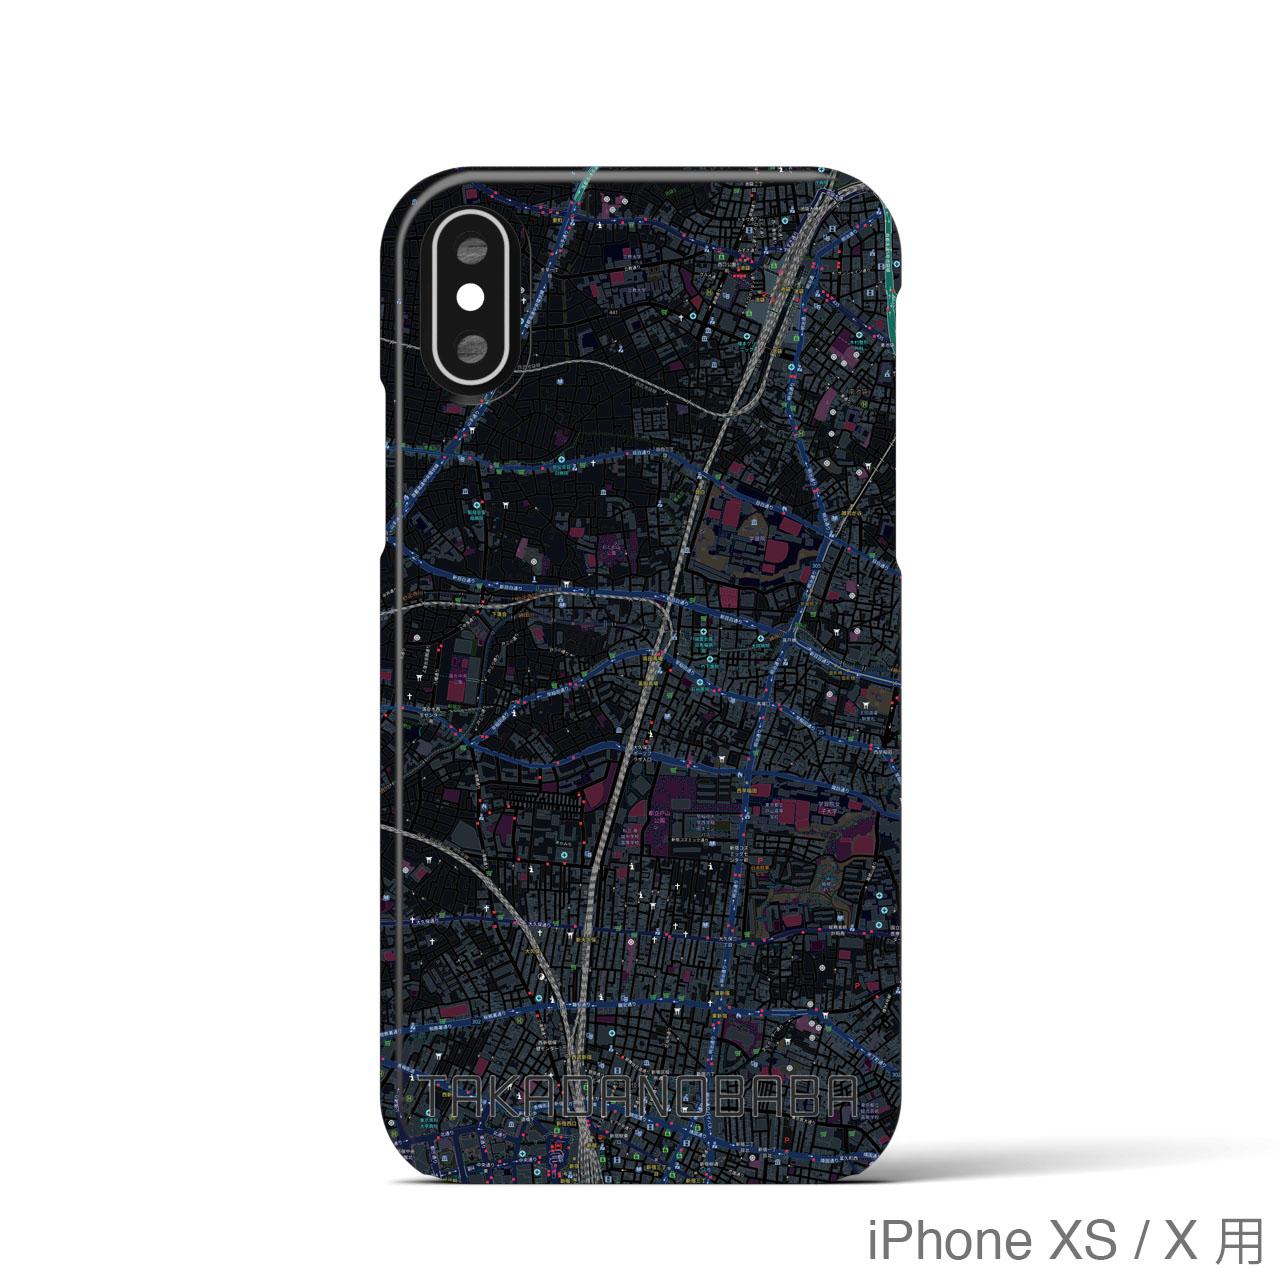 【高田馬場】地図柄iPhoneケース(バックカバータイプ・ブラック)